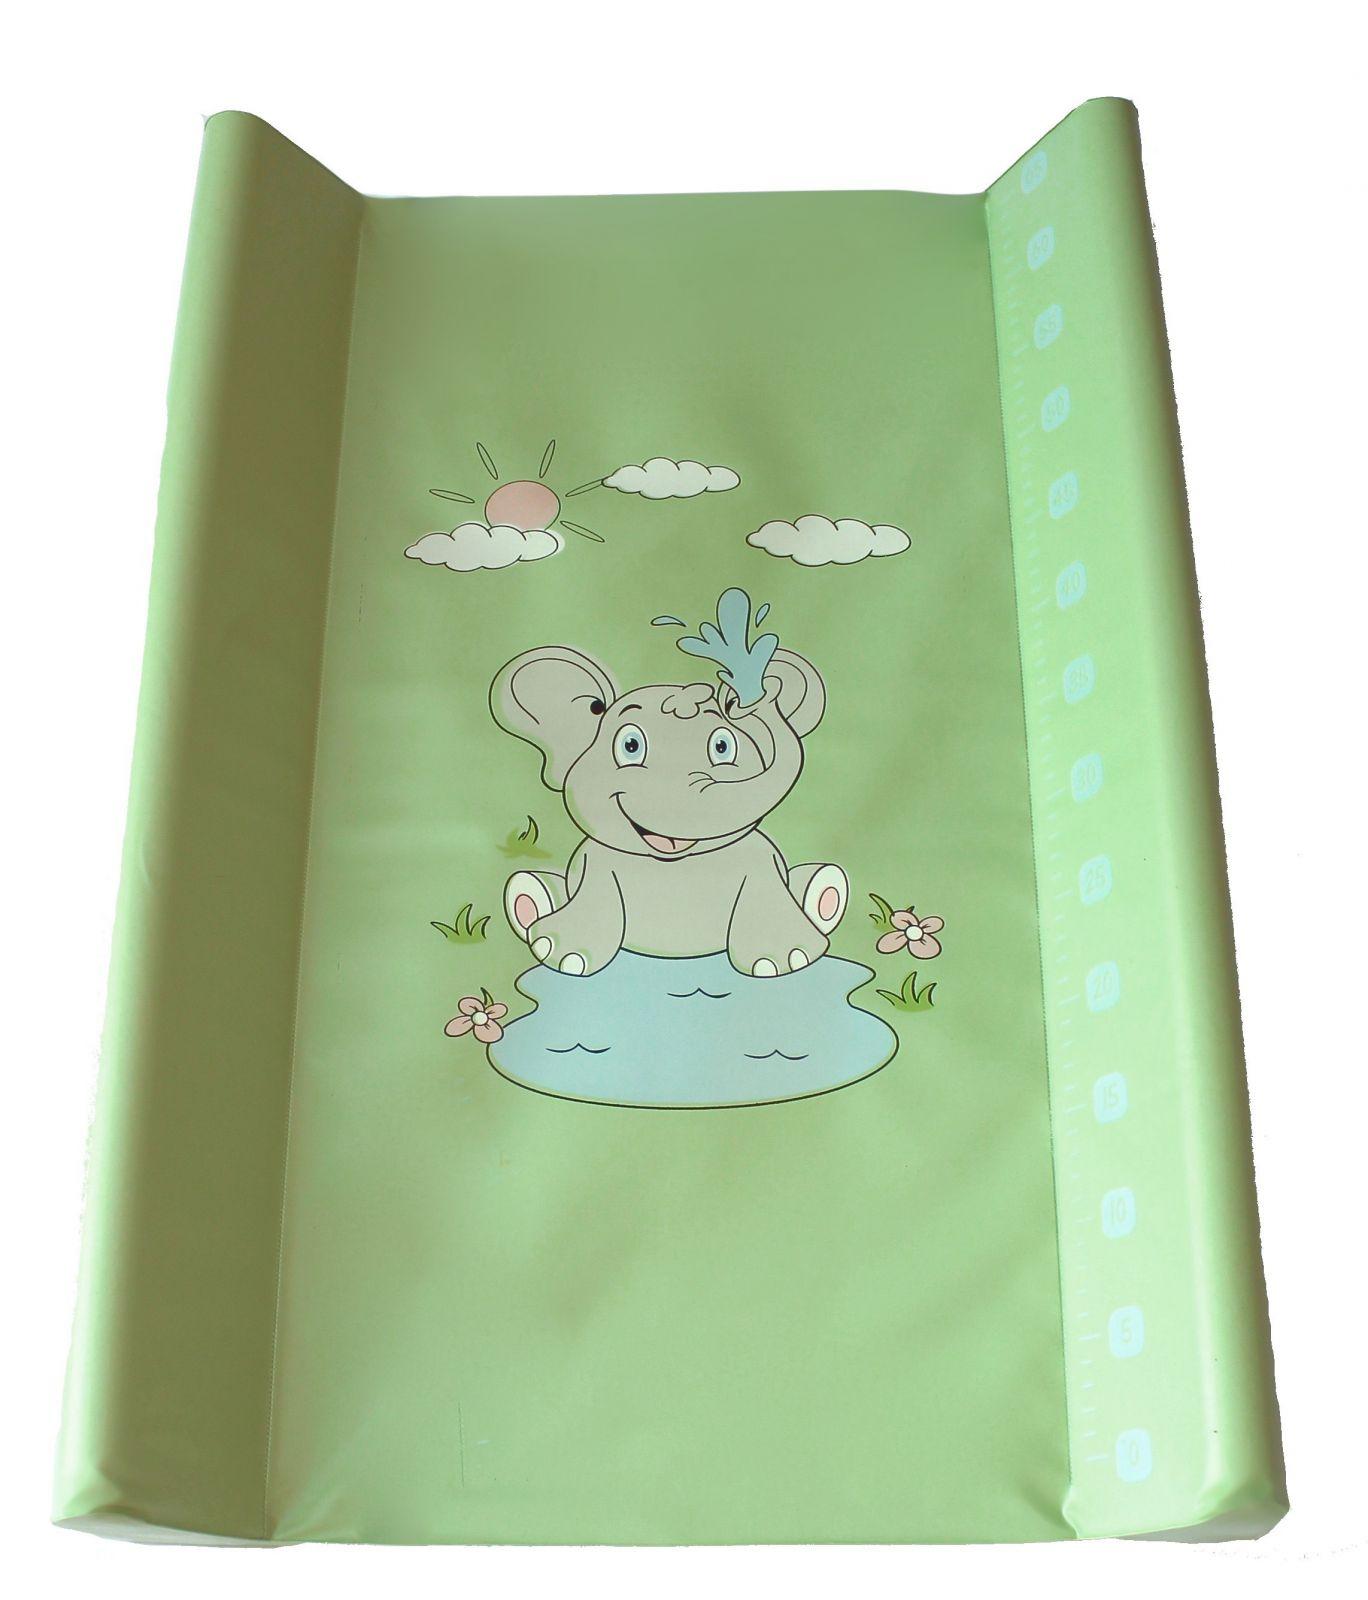 Přebalovací podložka Baby sky tvrdá 50x80 cm zelená sloník